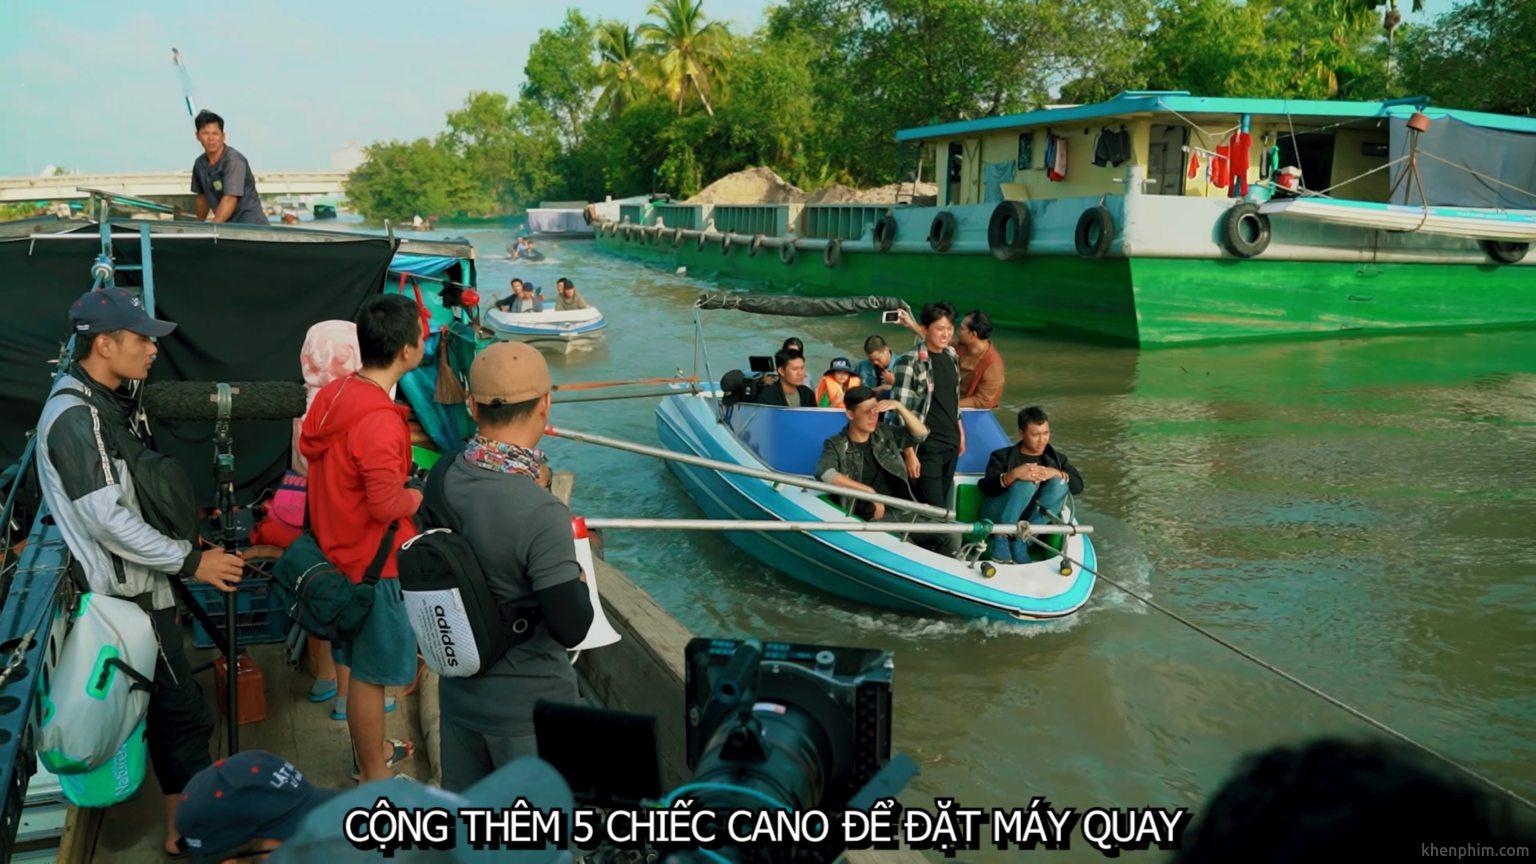 Lật Mặt: 48H - cảnh trên sông 2